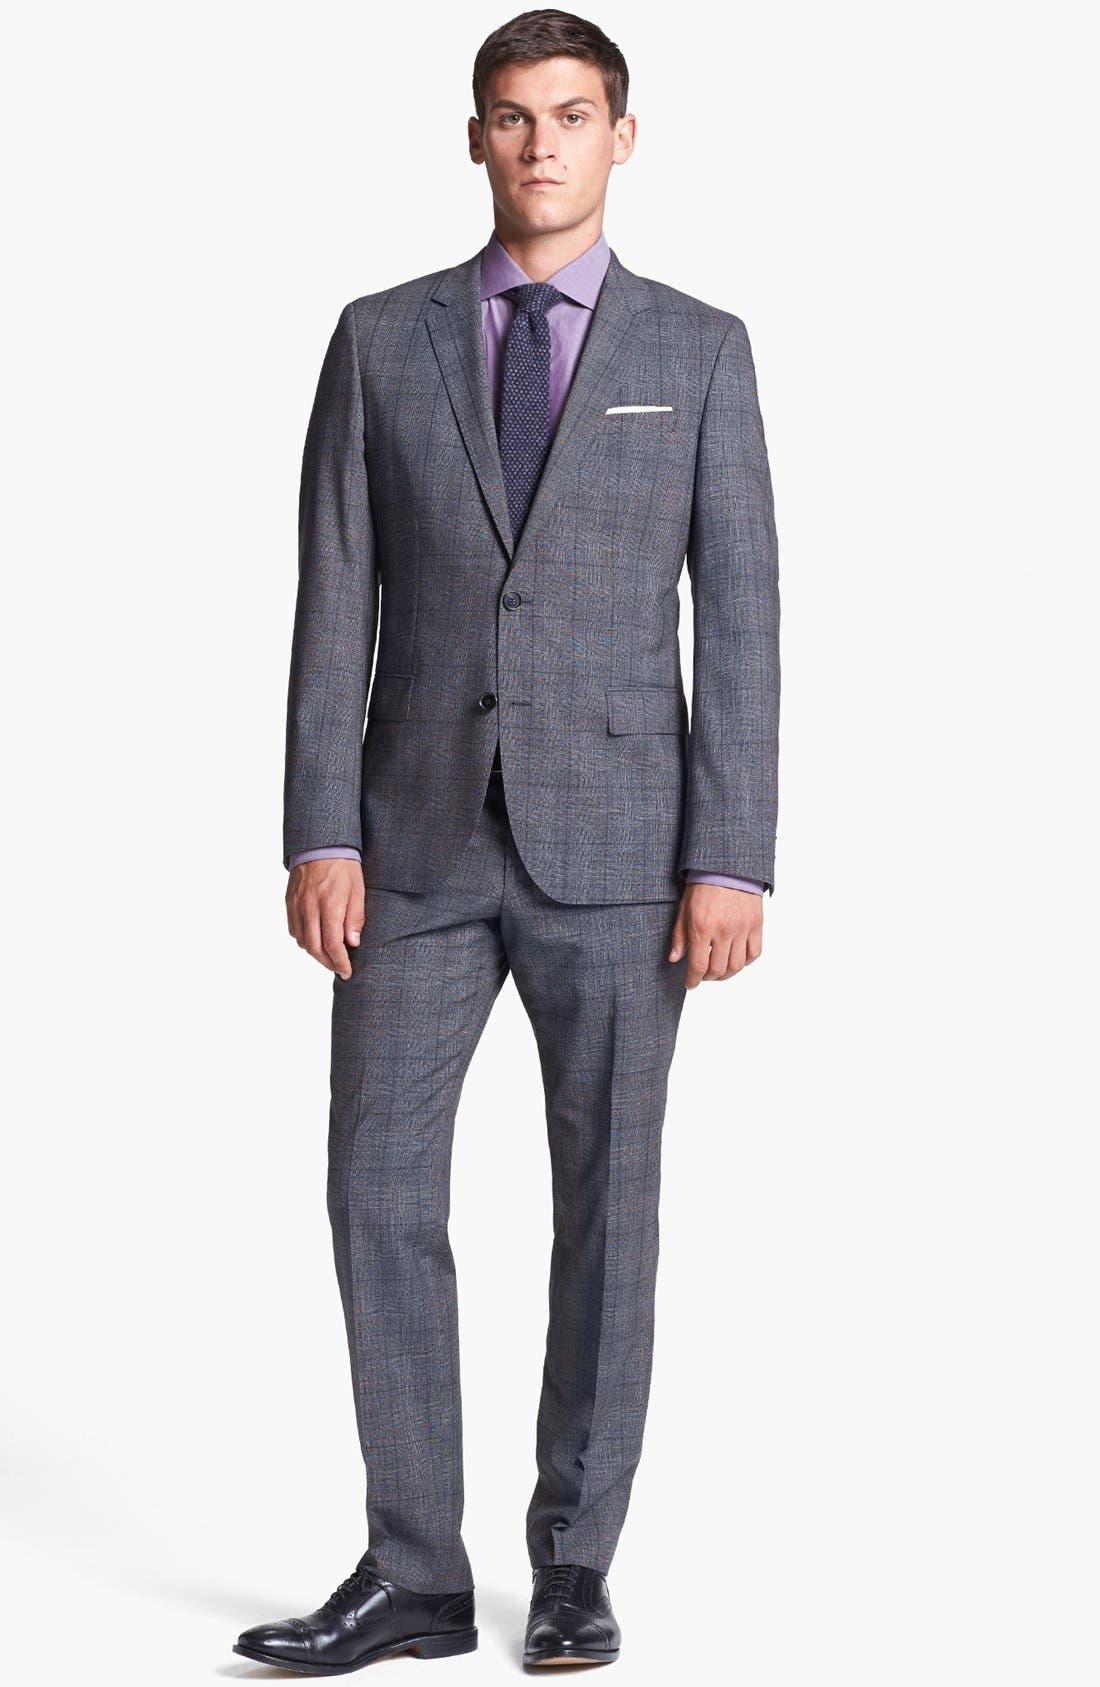 Alternate Image 1 Selected - BOSS HUGO BOSS 'Huge/Genius' Trim Fit Plaid Suit